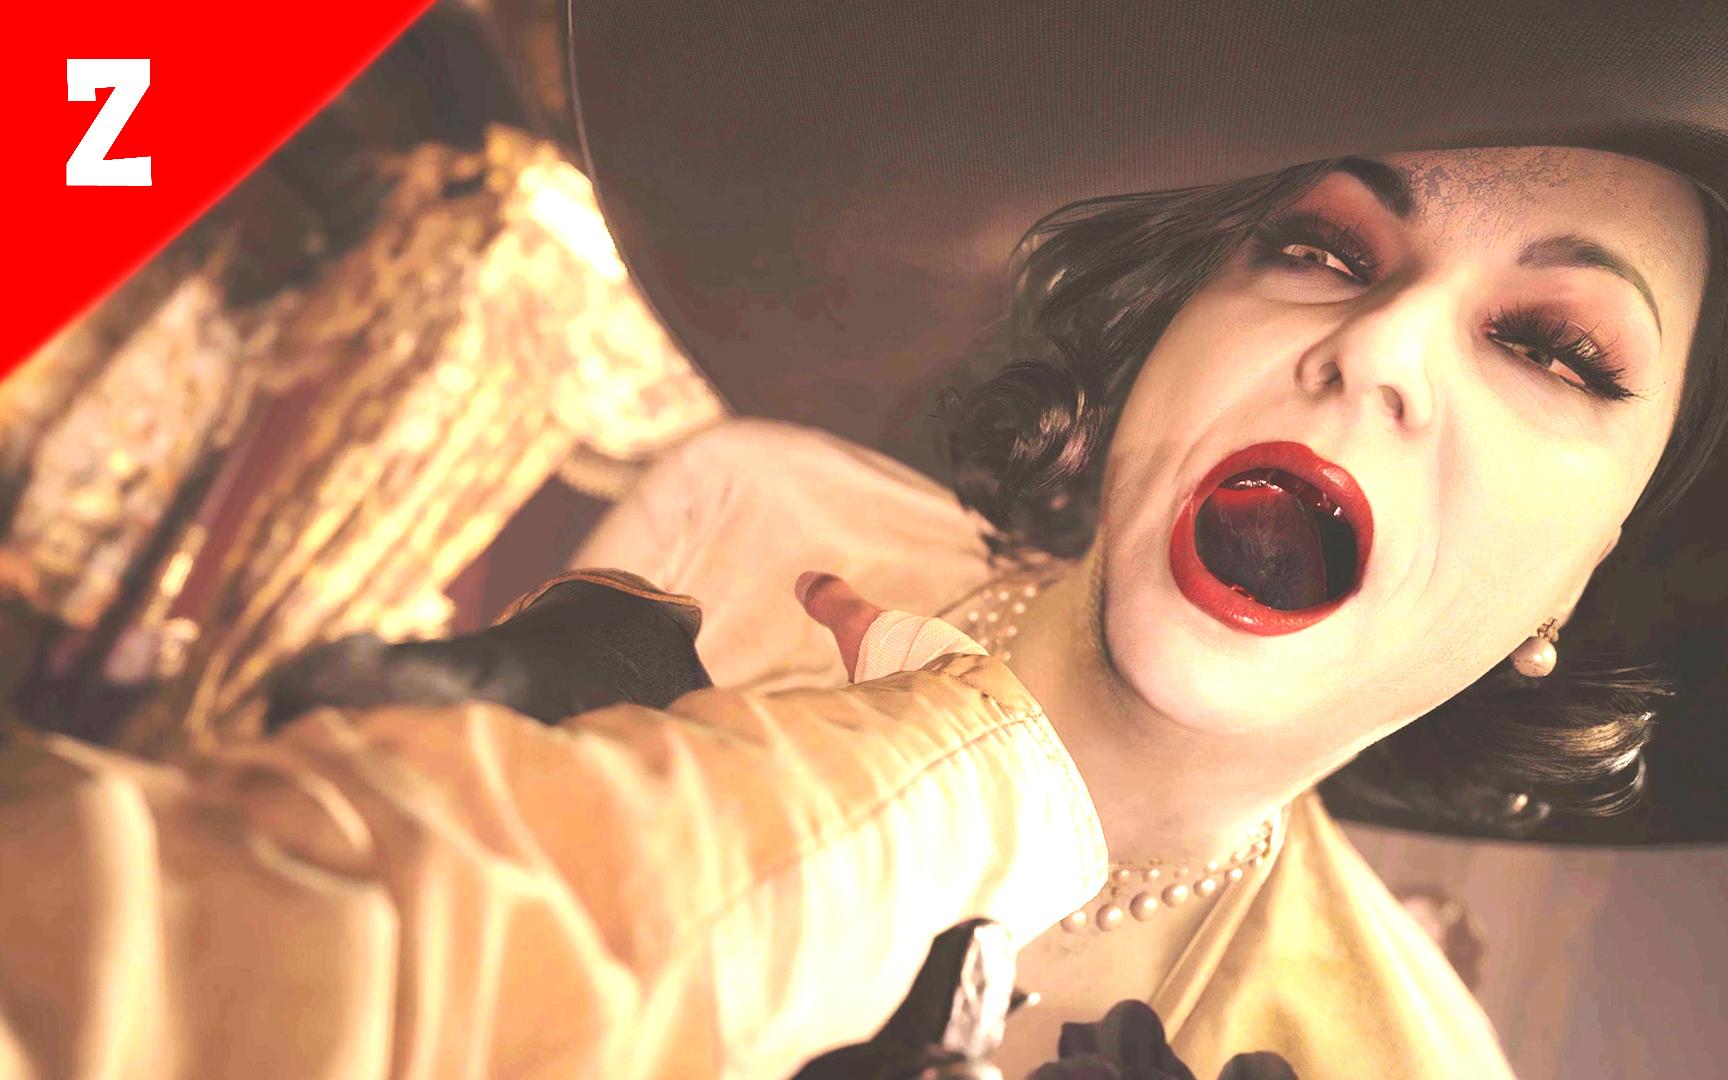 城堡主人吸血鬼夫人,快被她吸干了《生化危机8》第二期